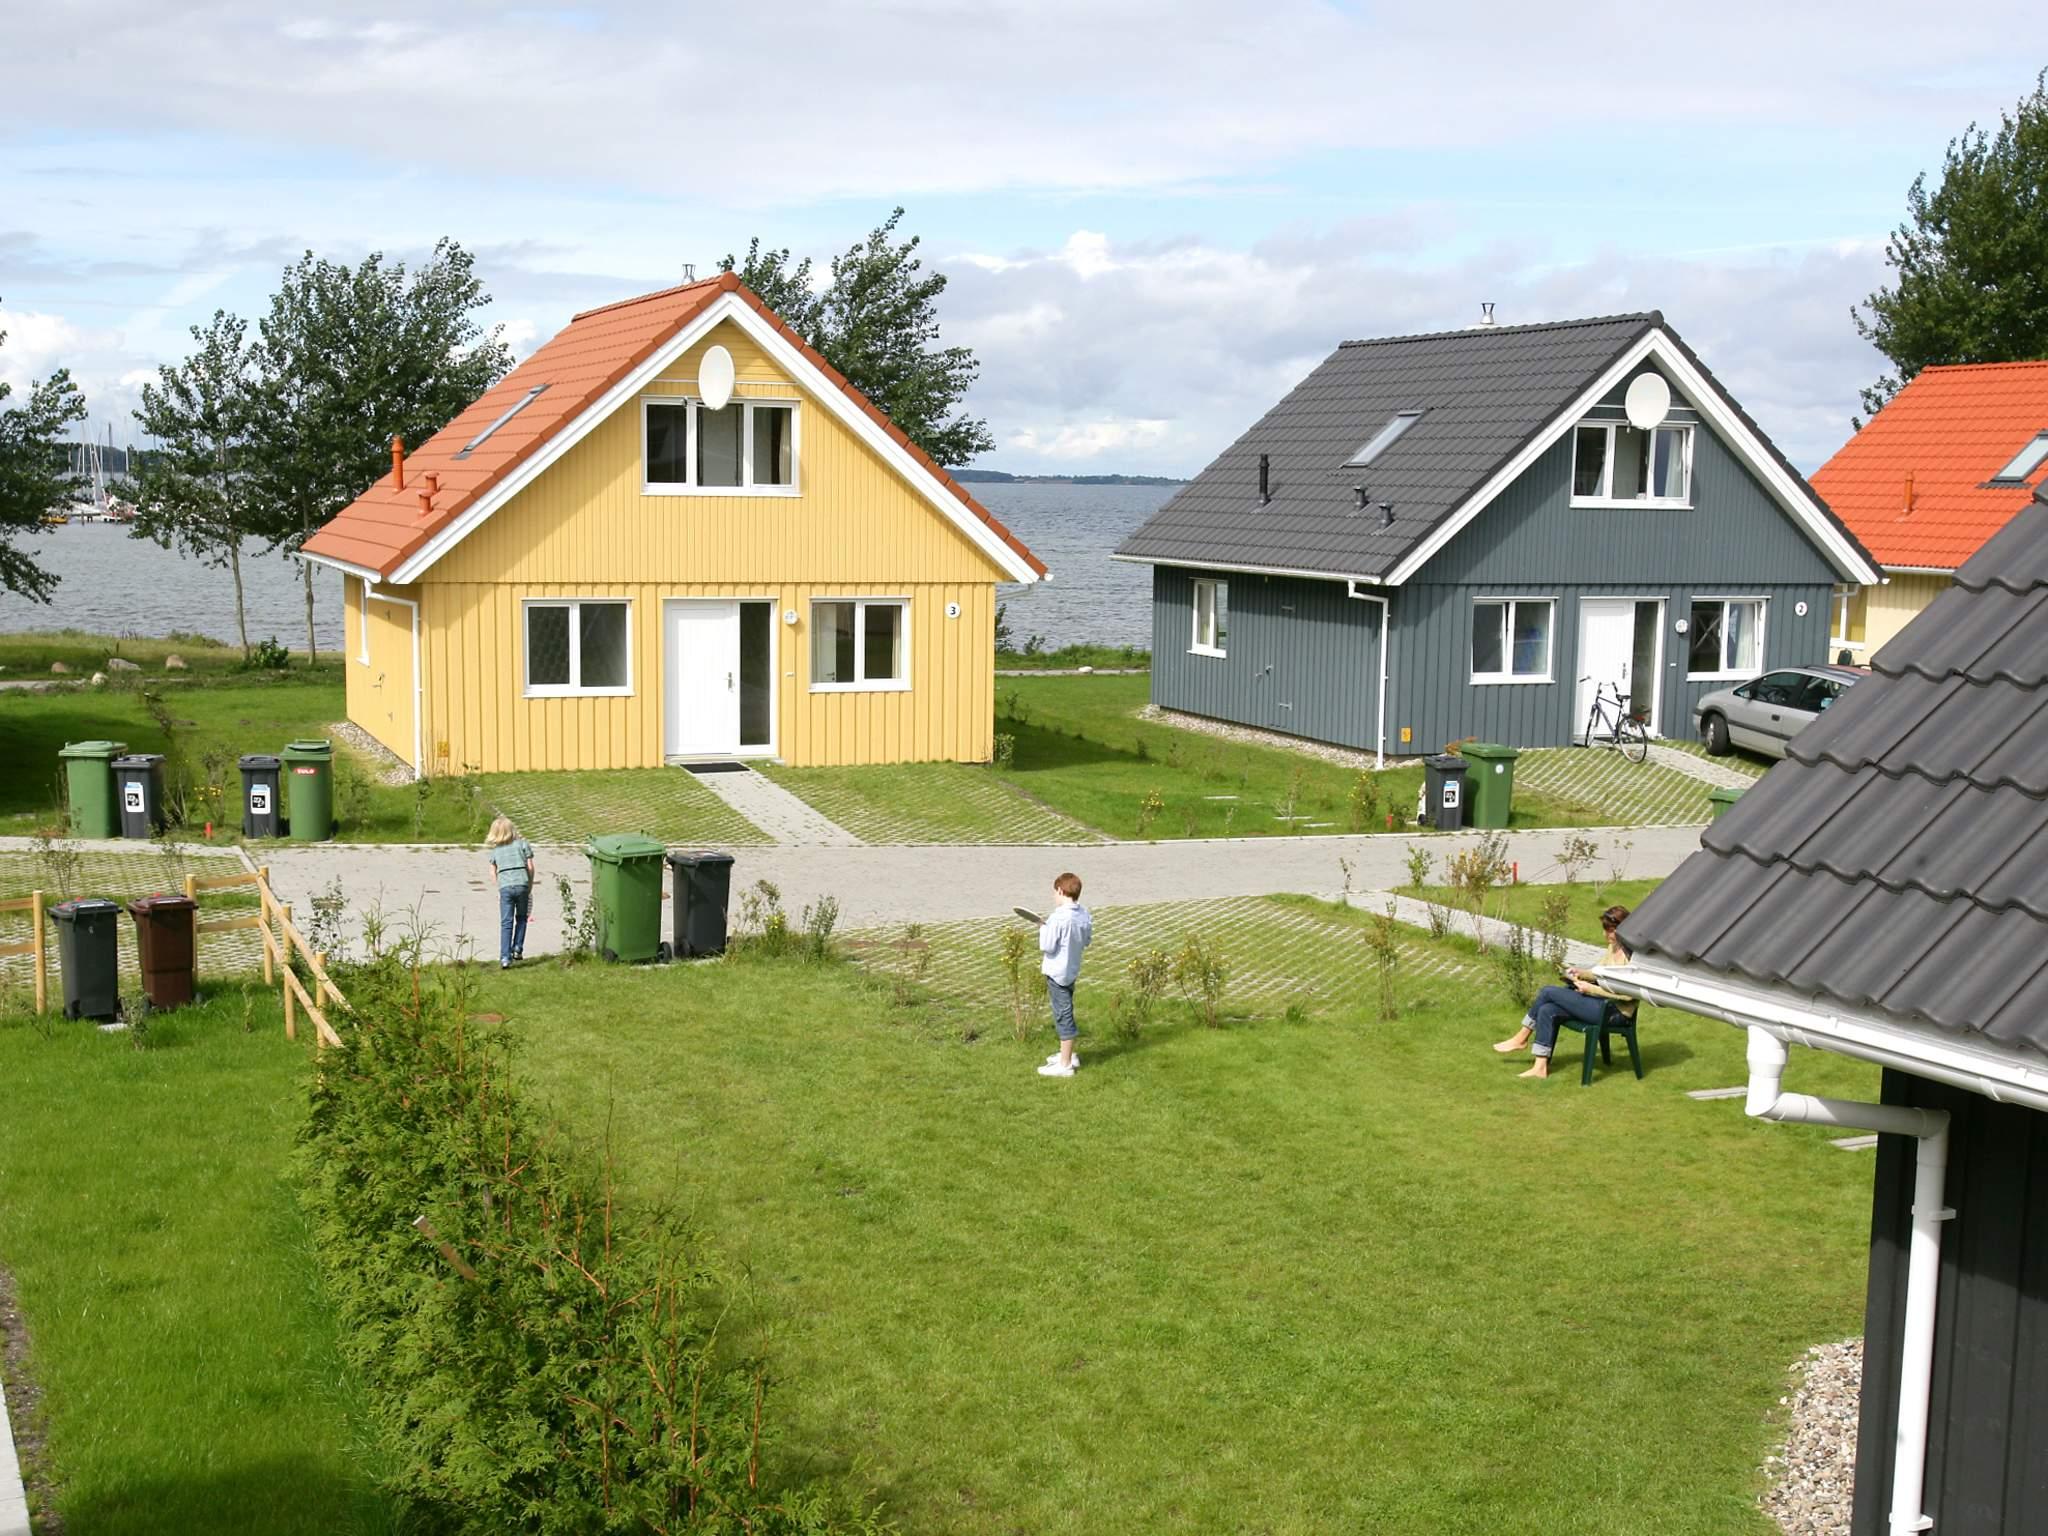 Ferienhaus Gelting (135793), Gelting, Geltinger Bucht, Schleswig-Holstein, Deutschland, Bild 19